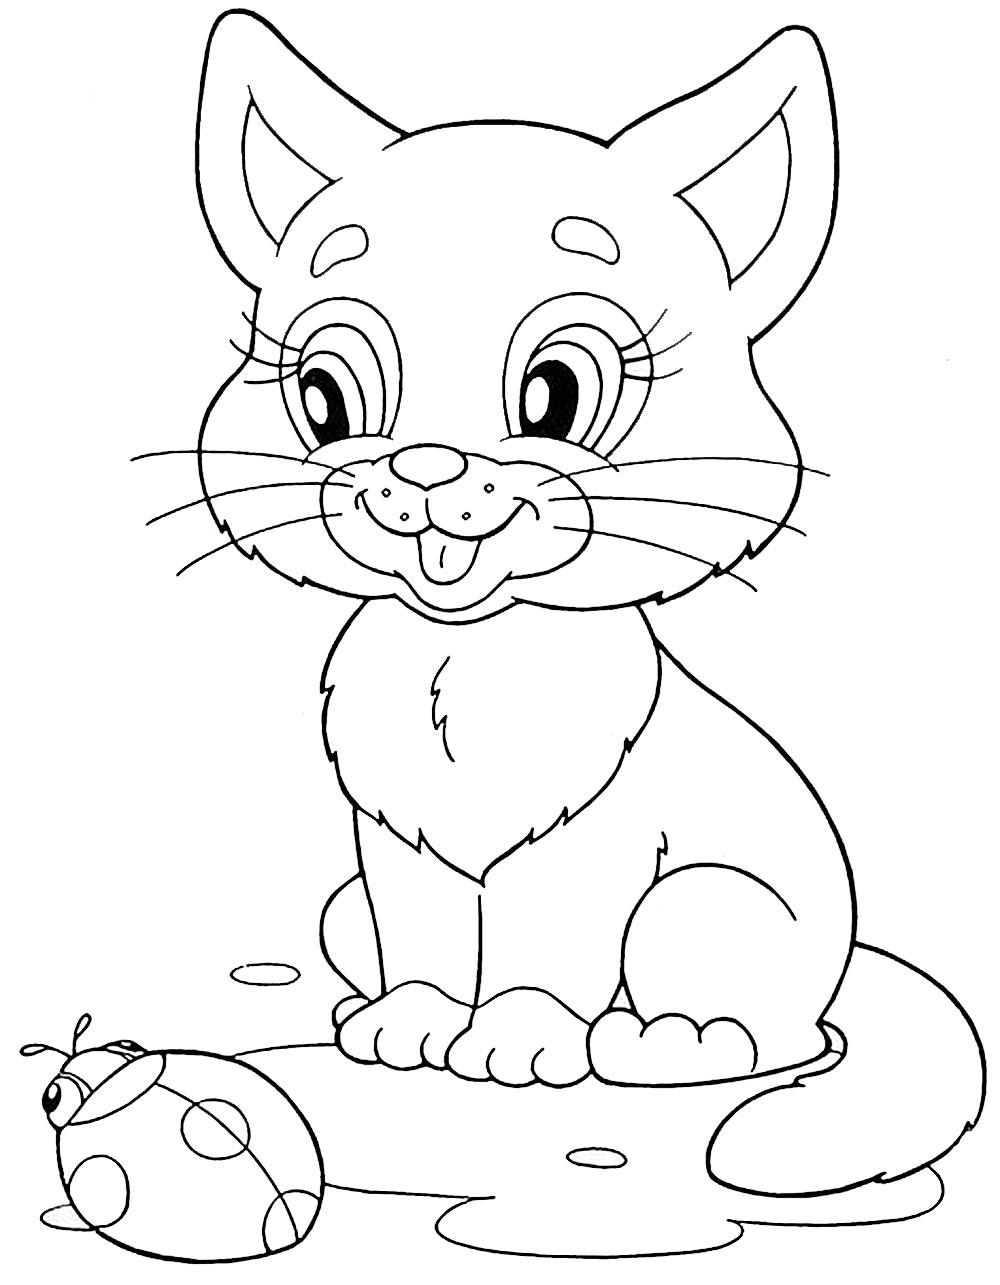 Простые раскраски животных для детей и малышей 10